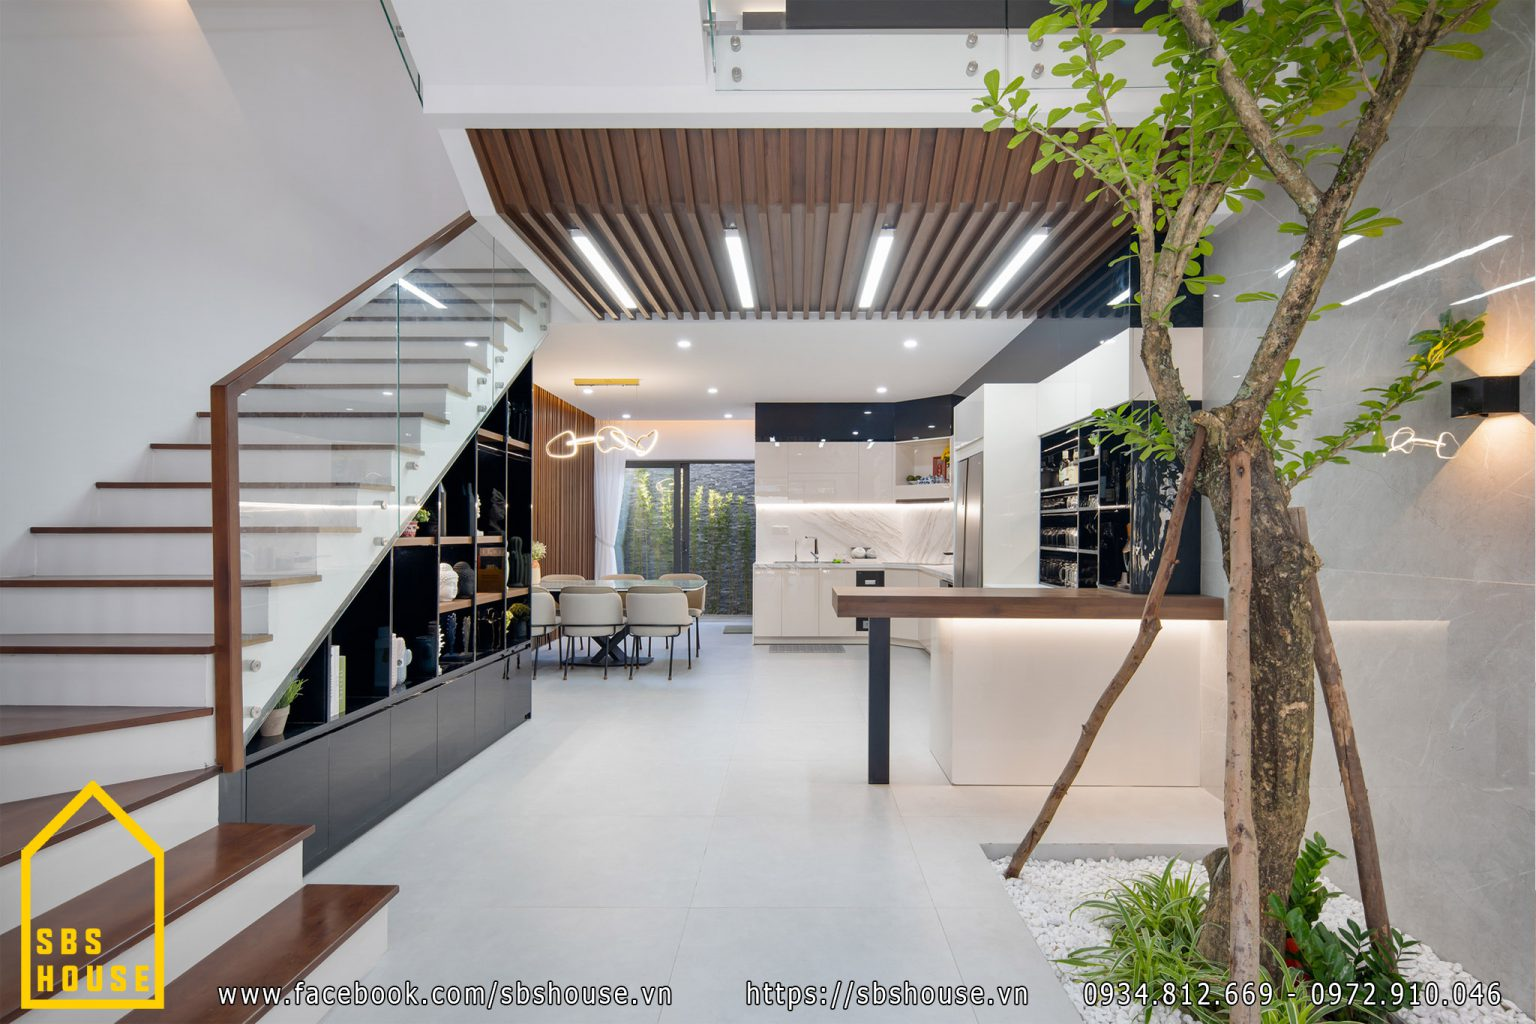 Nhà lệch tầng đảm bảo không gian sinh hoạt rộng rãi